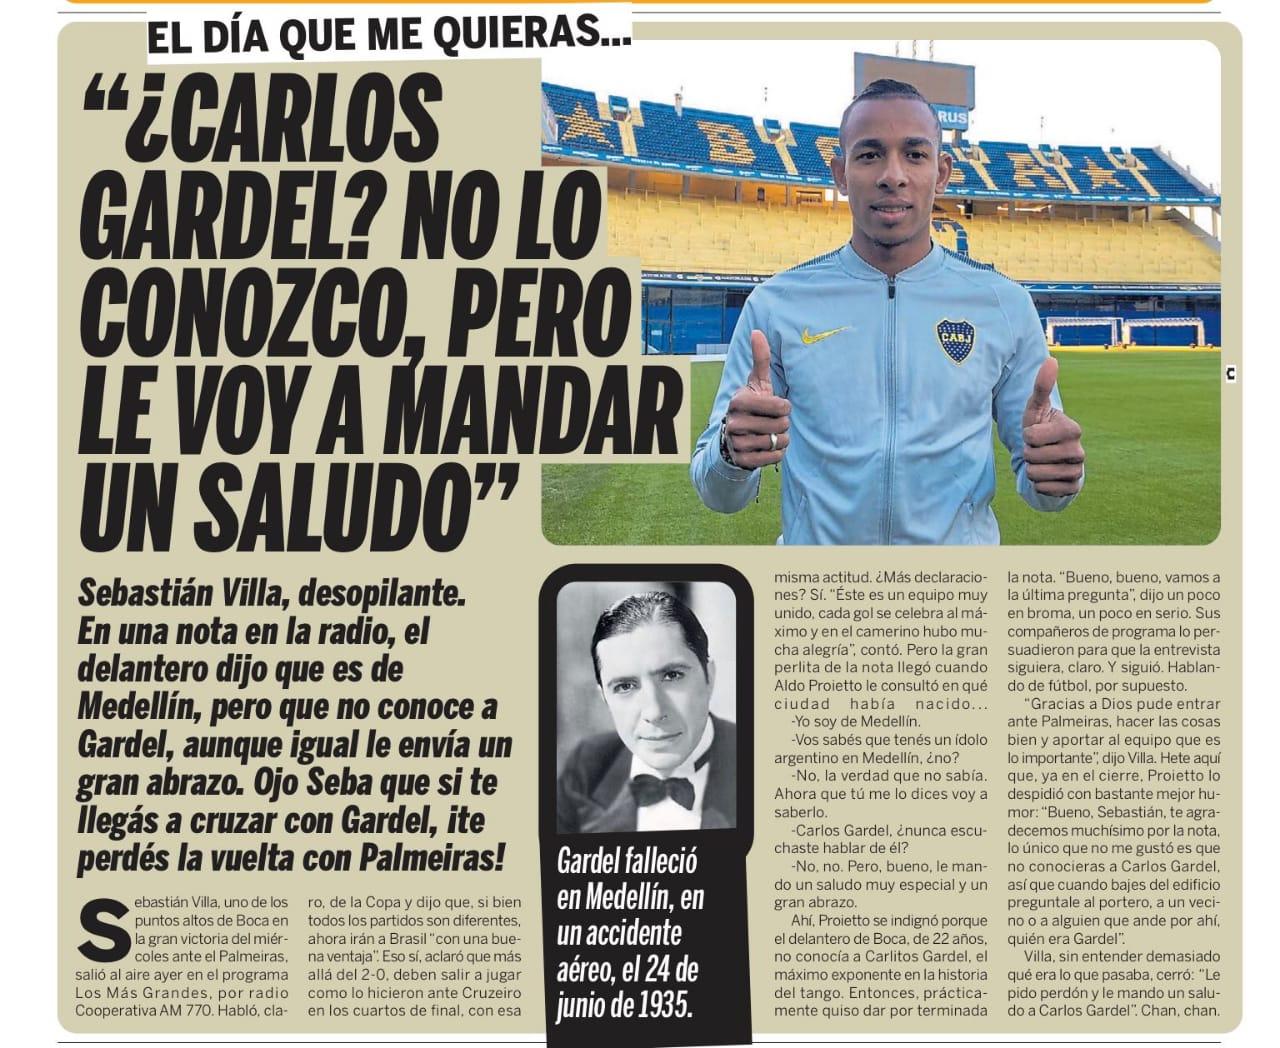 Publicación del Diario Olé de Argentina